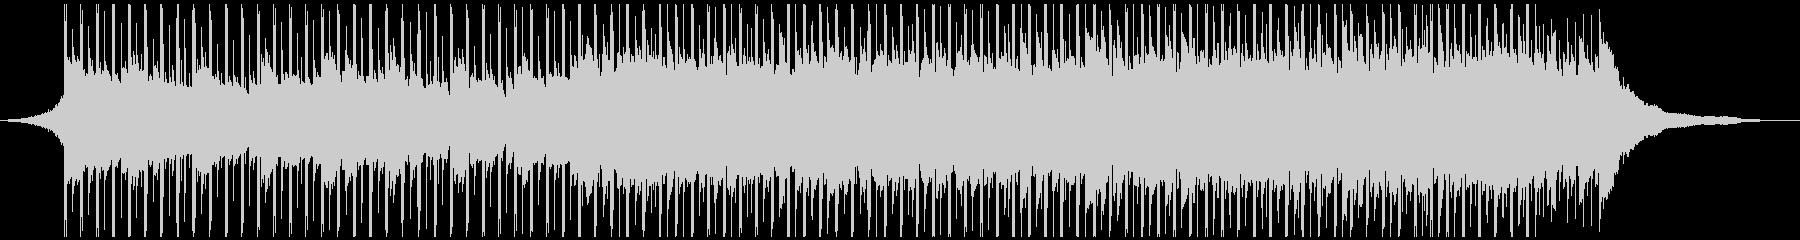 コーポレートプレゼンテーション(60秒)の未再生の波形